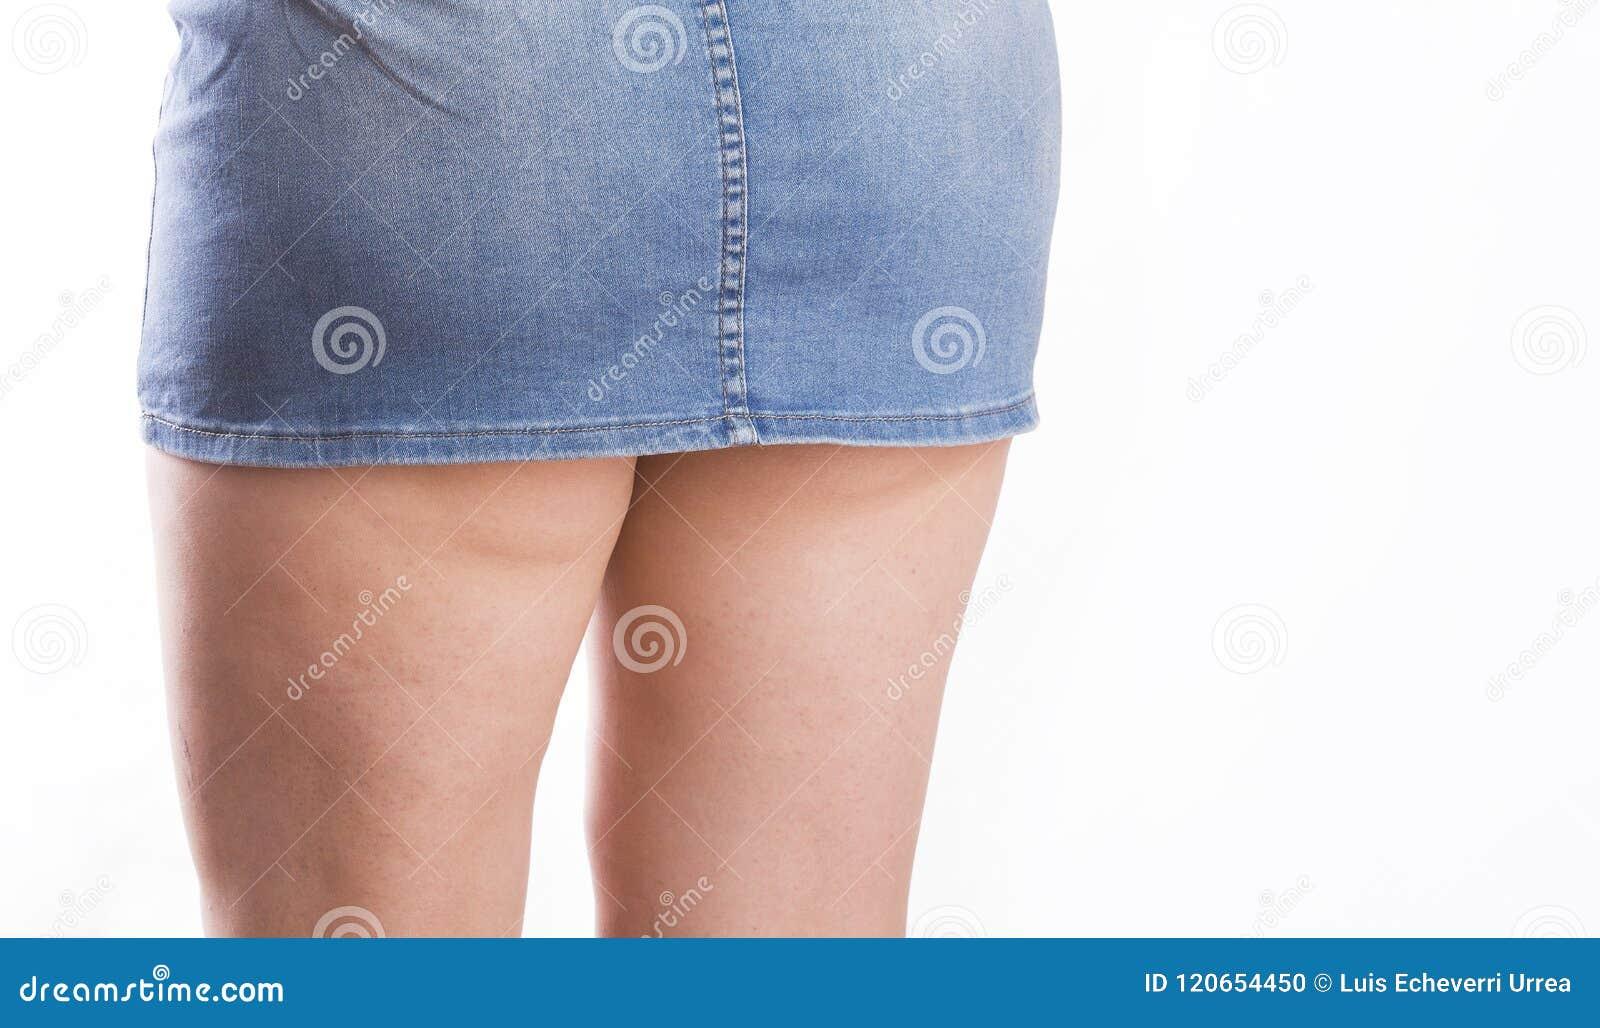 Weibliche Beinschenkel mit Cellulite Der Körperpflege, überladenen und des Nährens Konzept des Hautproblems,